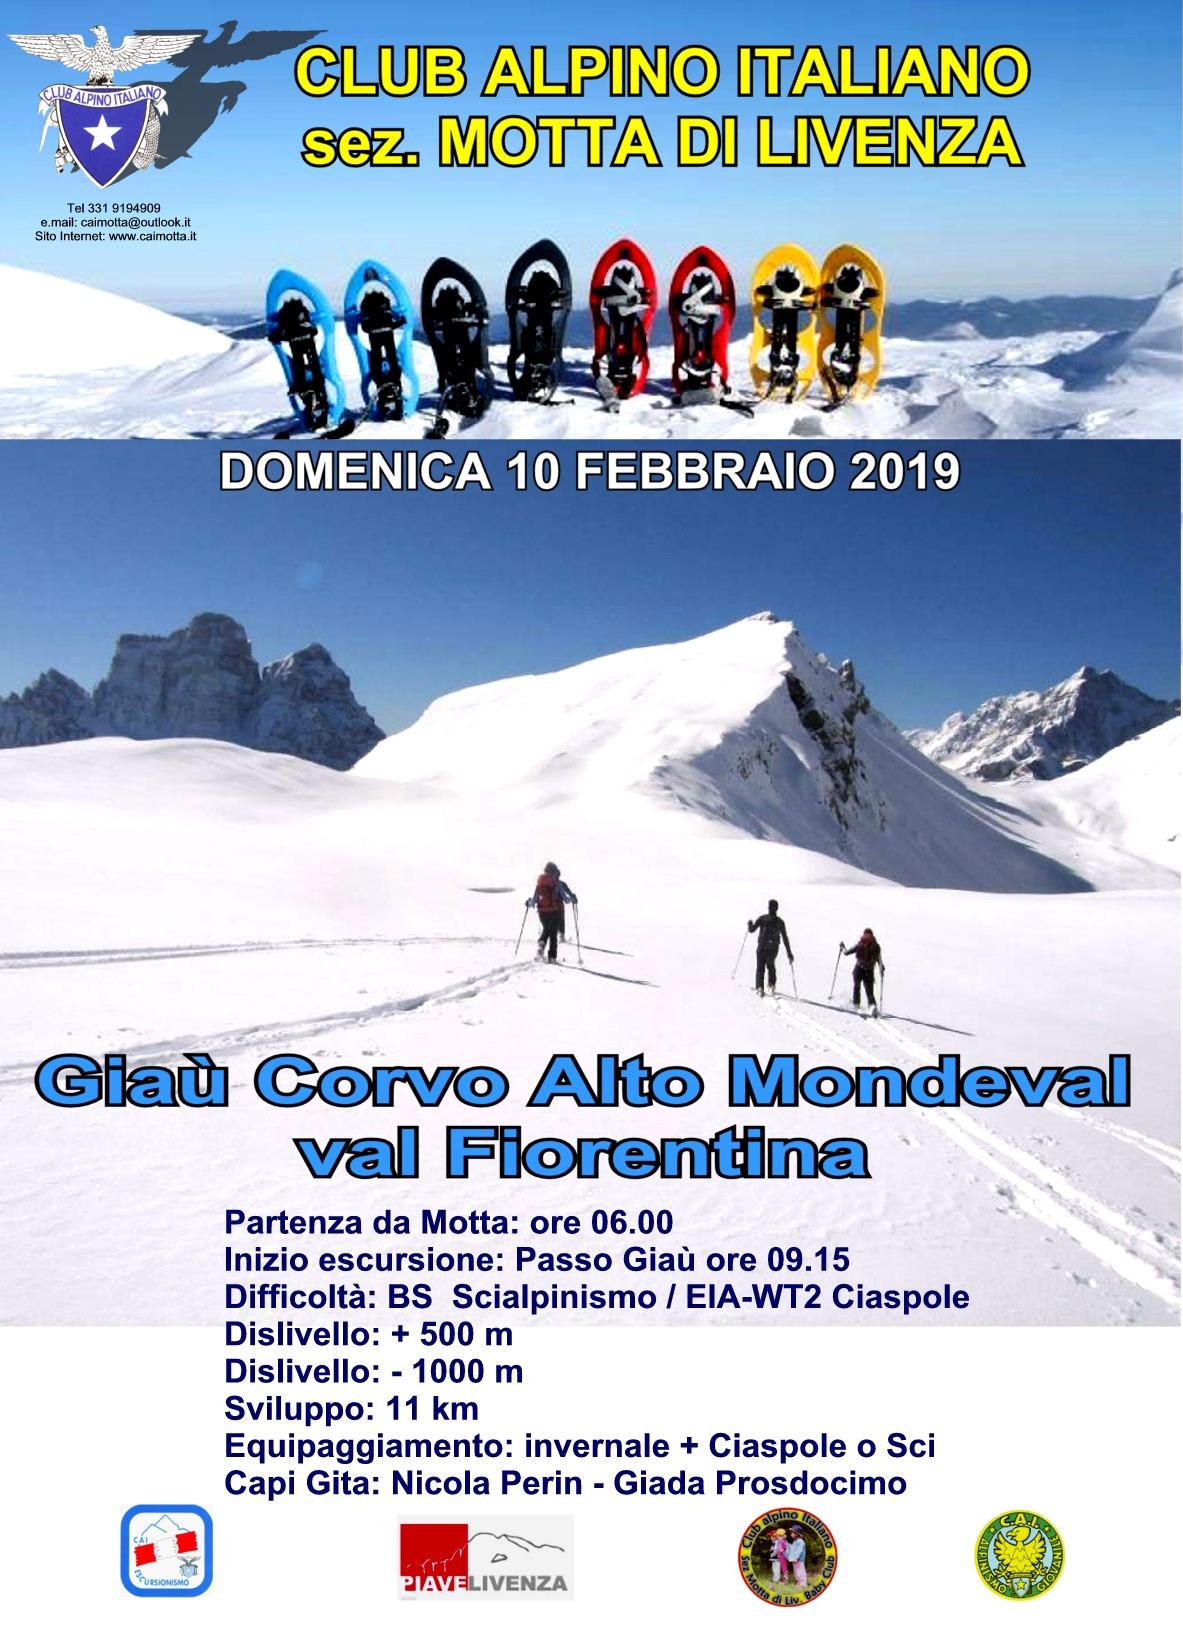 escursione ciaspe e sci Mondeval